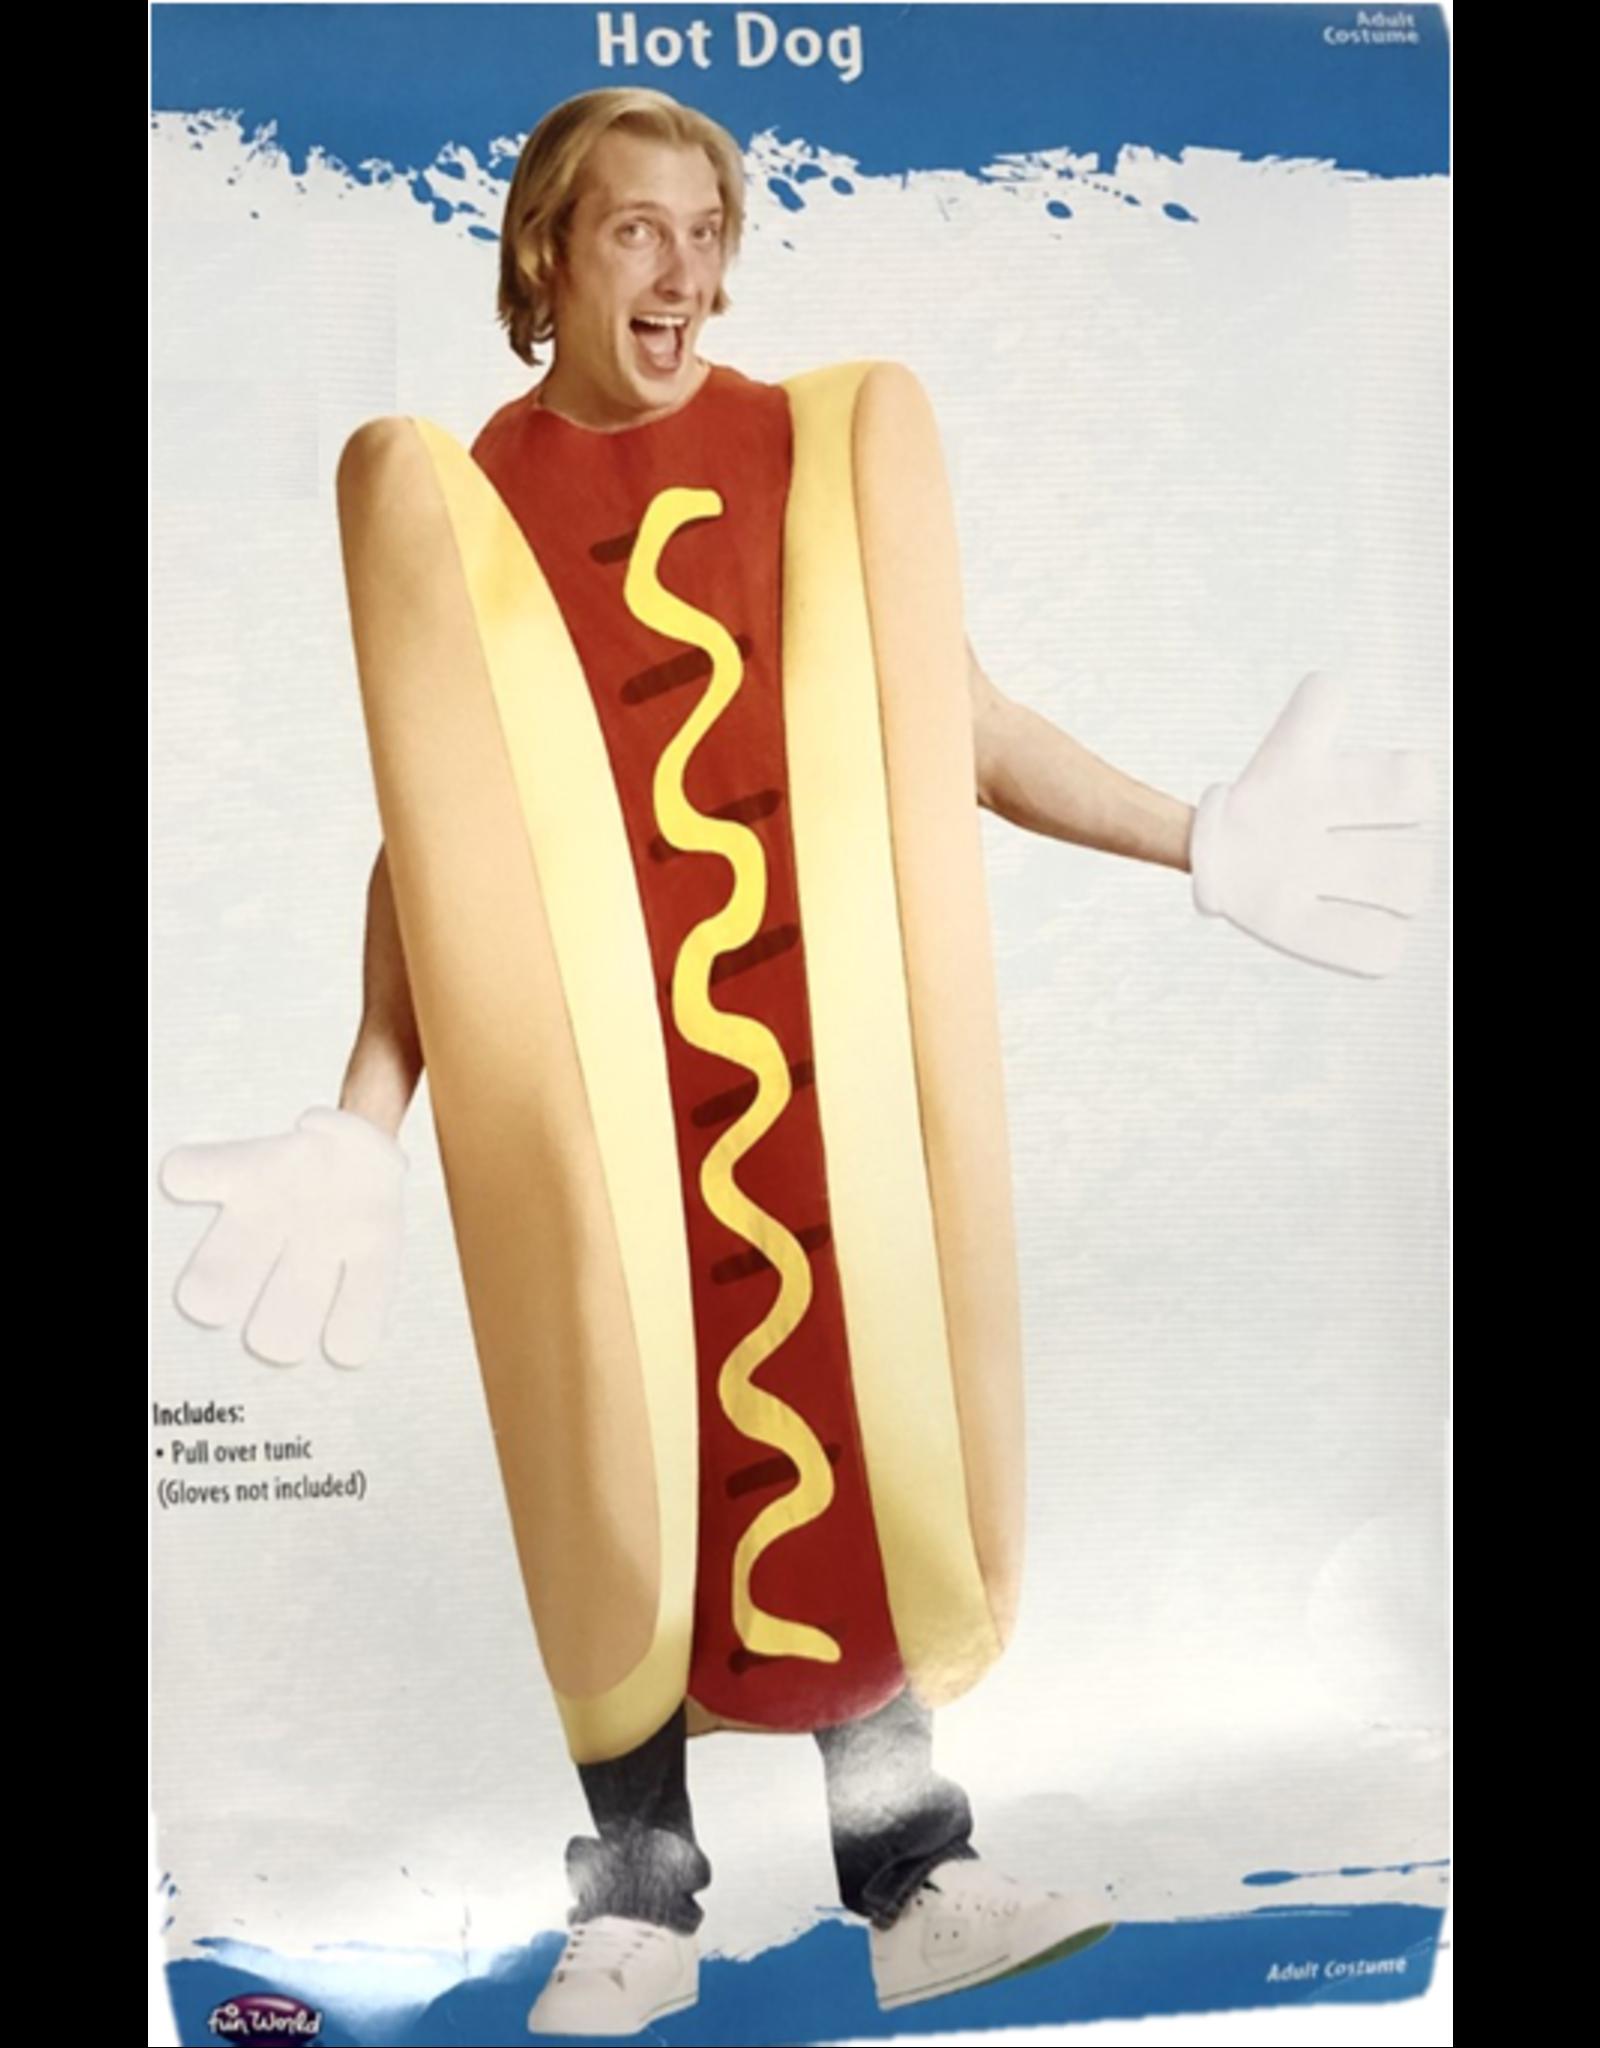 Fun World Hot Dog